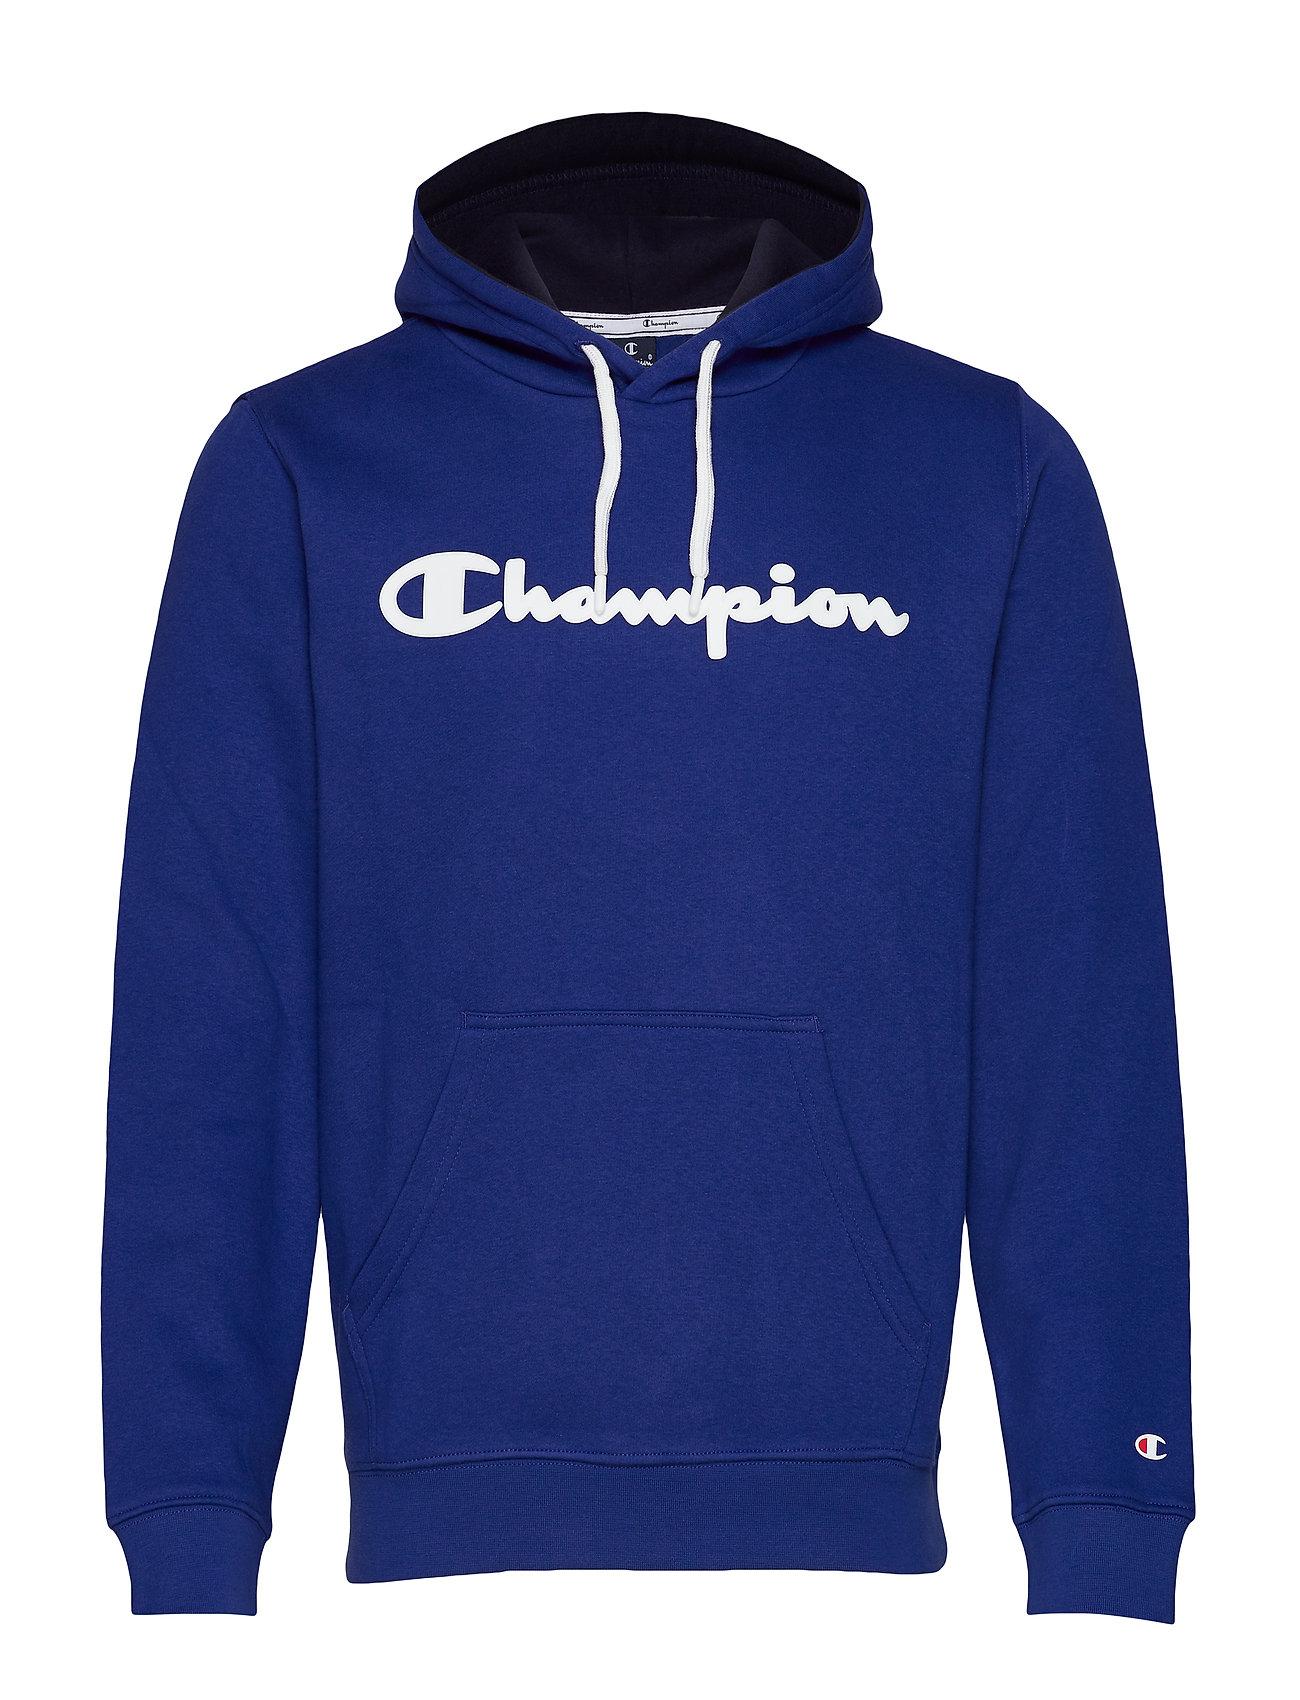 Sweatshirtmazarine BlueChampion Hooded Sweatshirtmazarine BlueChampion BlueChampion Hooded Hooded Sweatshirtmazarine 1cluTF35KJ